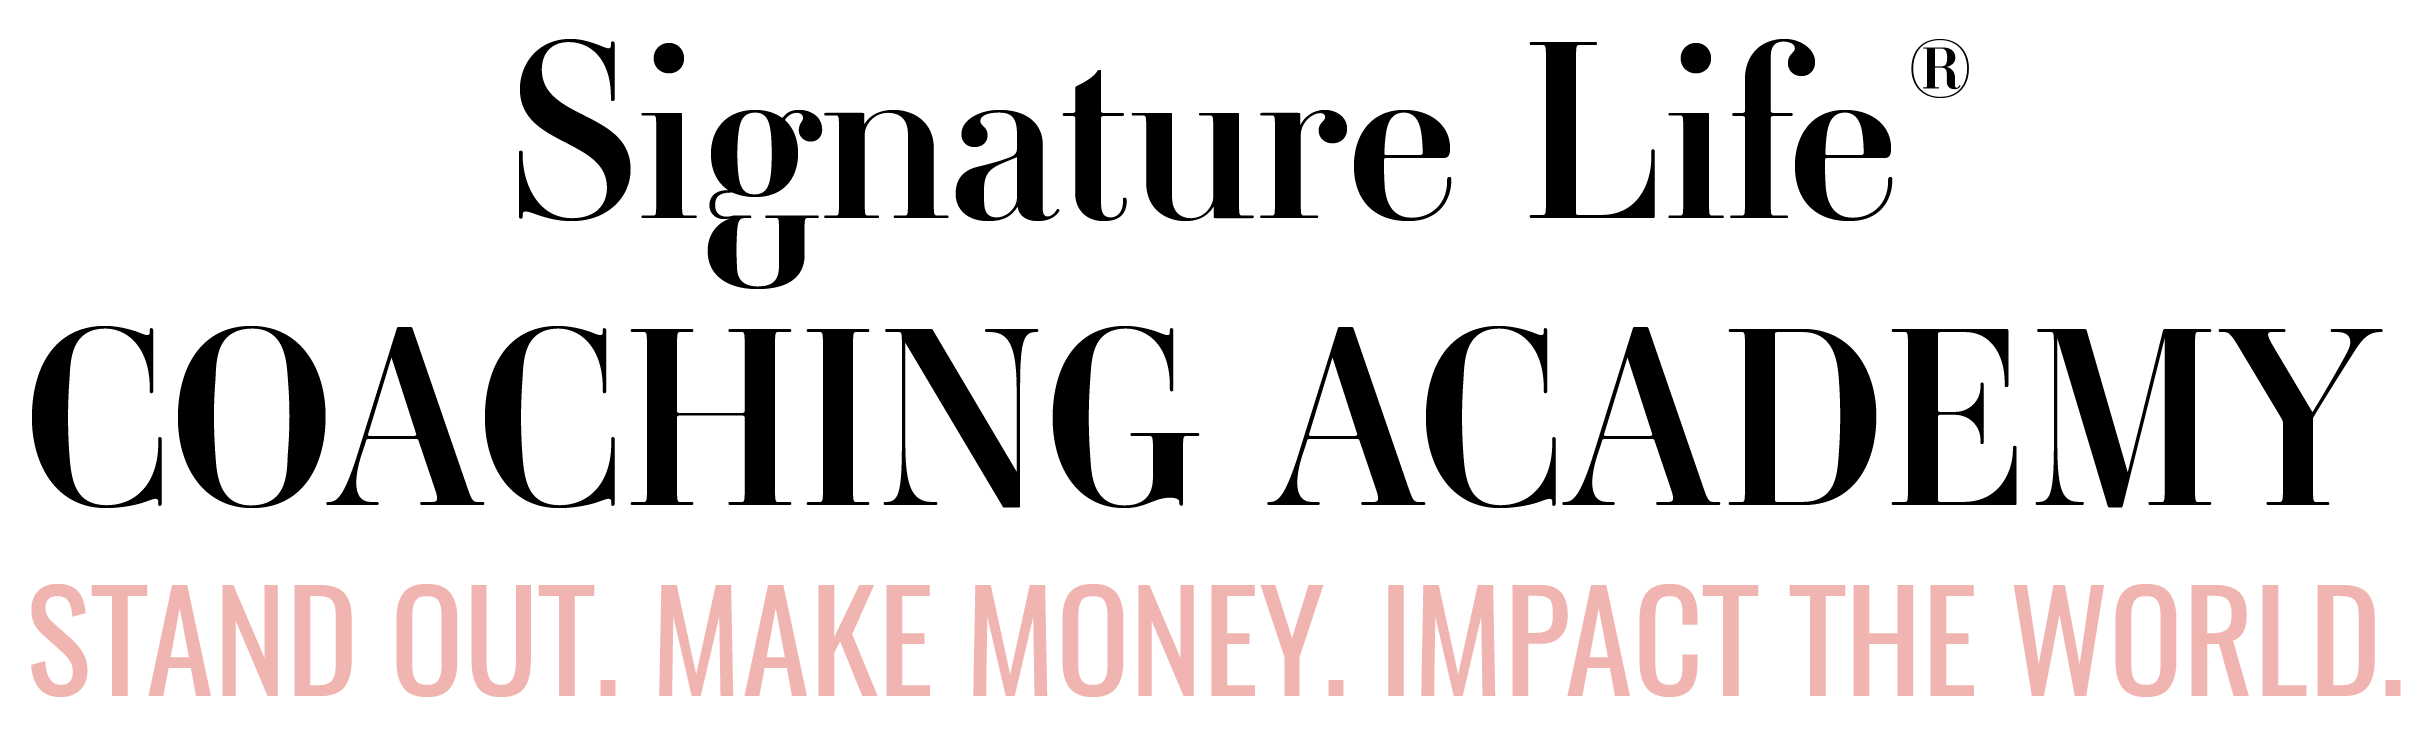 Coaching-Academy-logo-01 (2).png